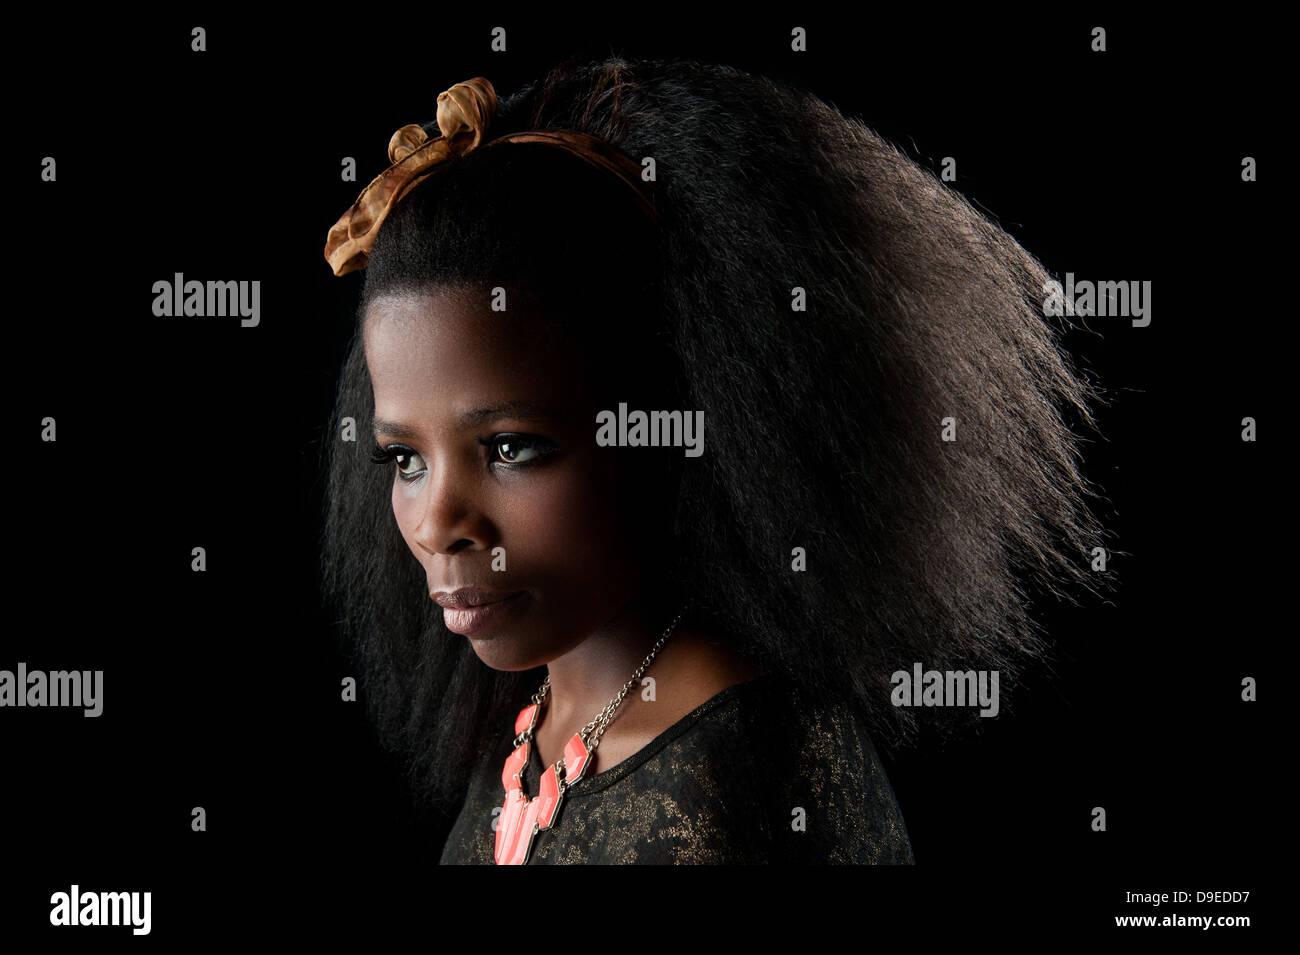 Africano joven dama con hermoso cabello afro, una foto de estudio de antecedentes de clave baja. Dramática Imagen De Stock